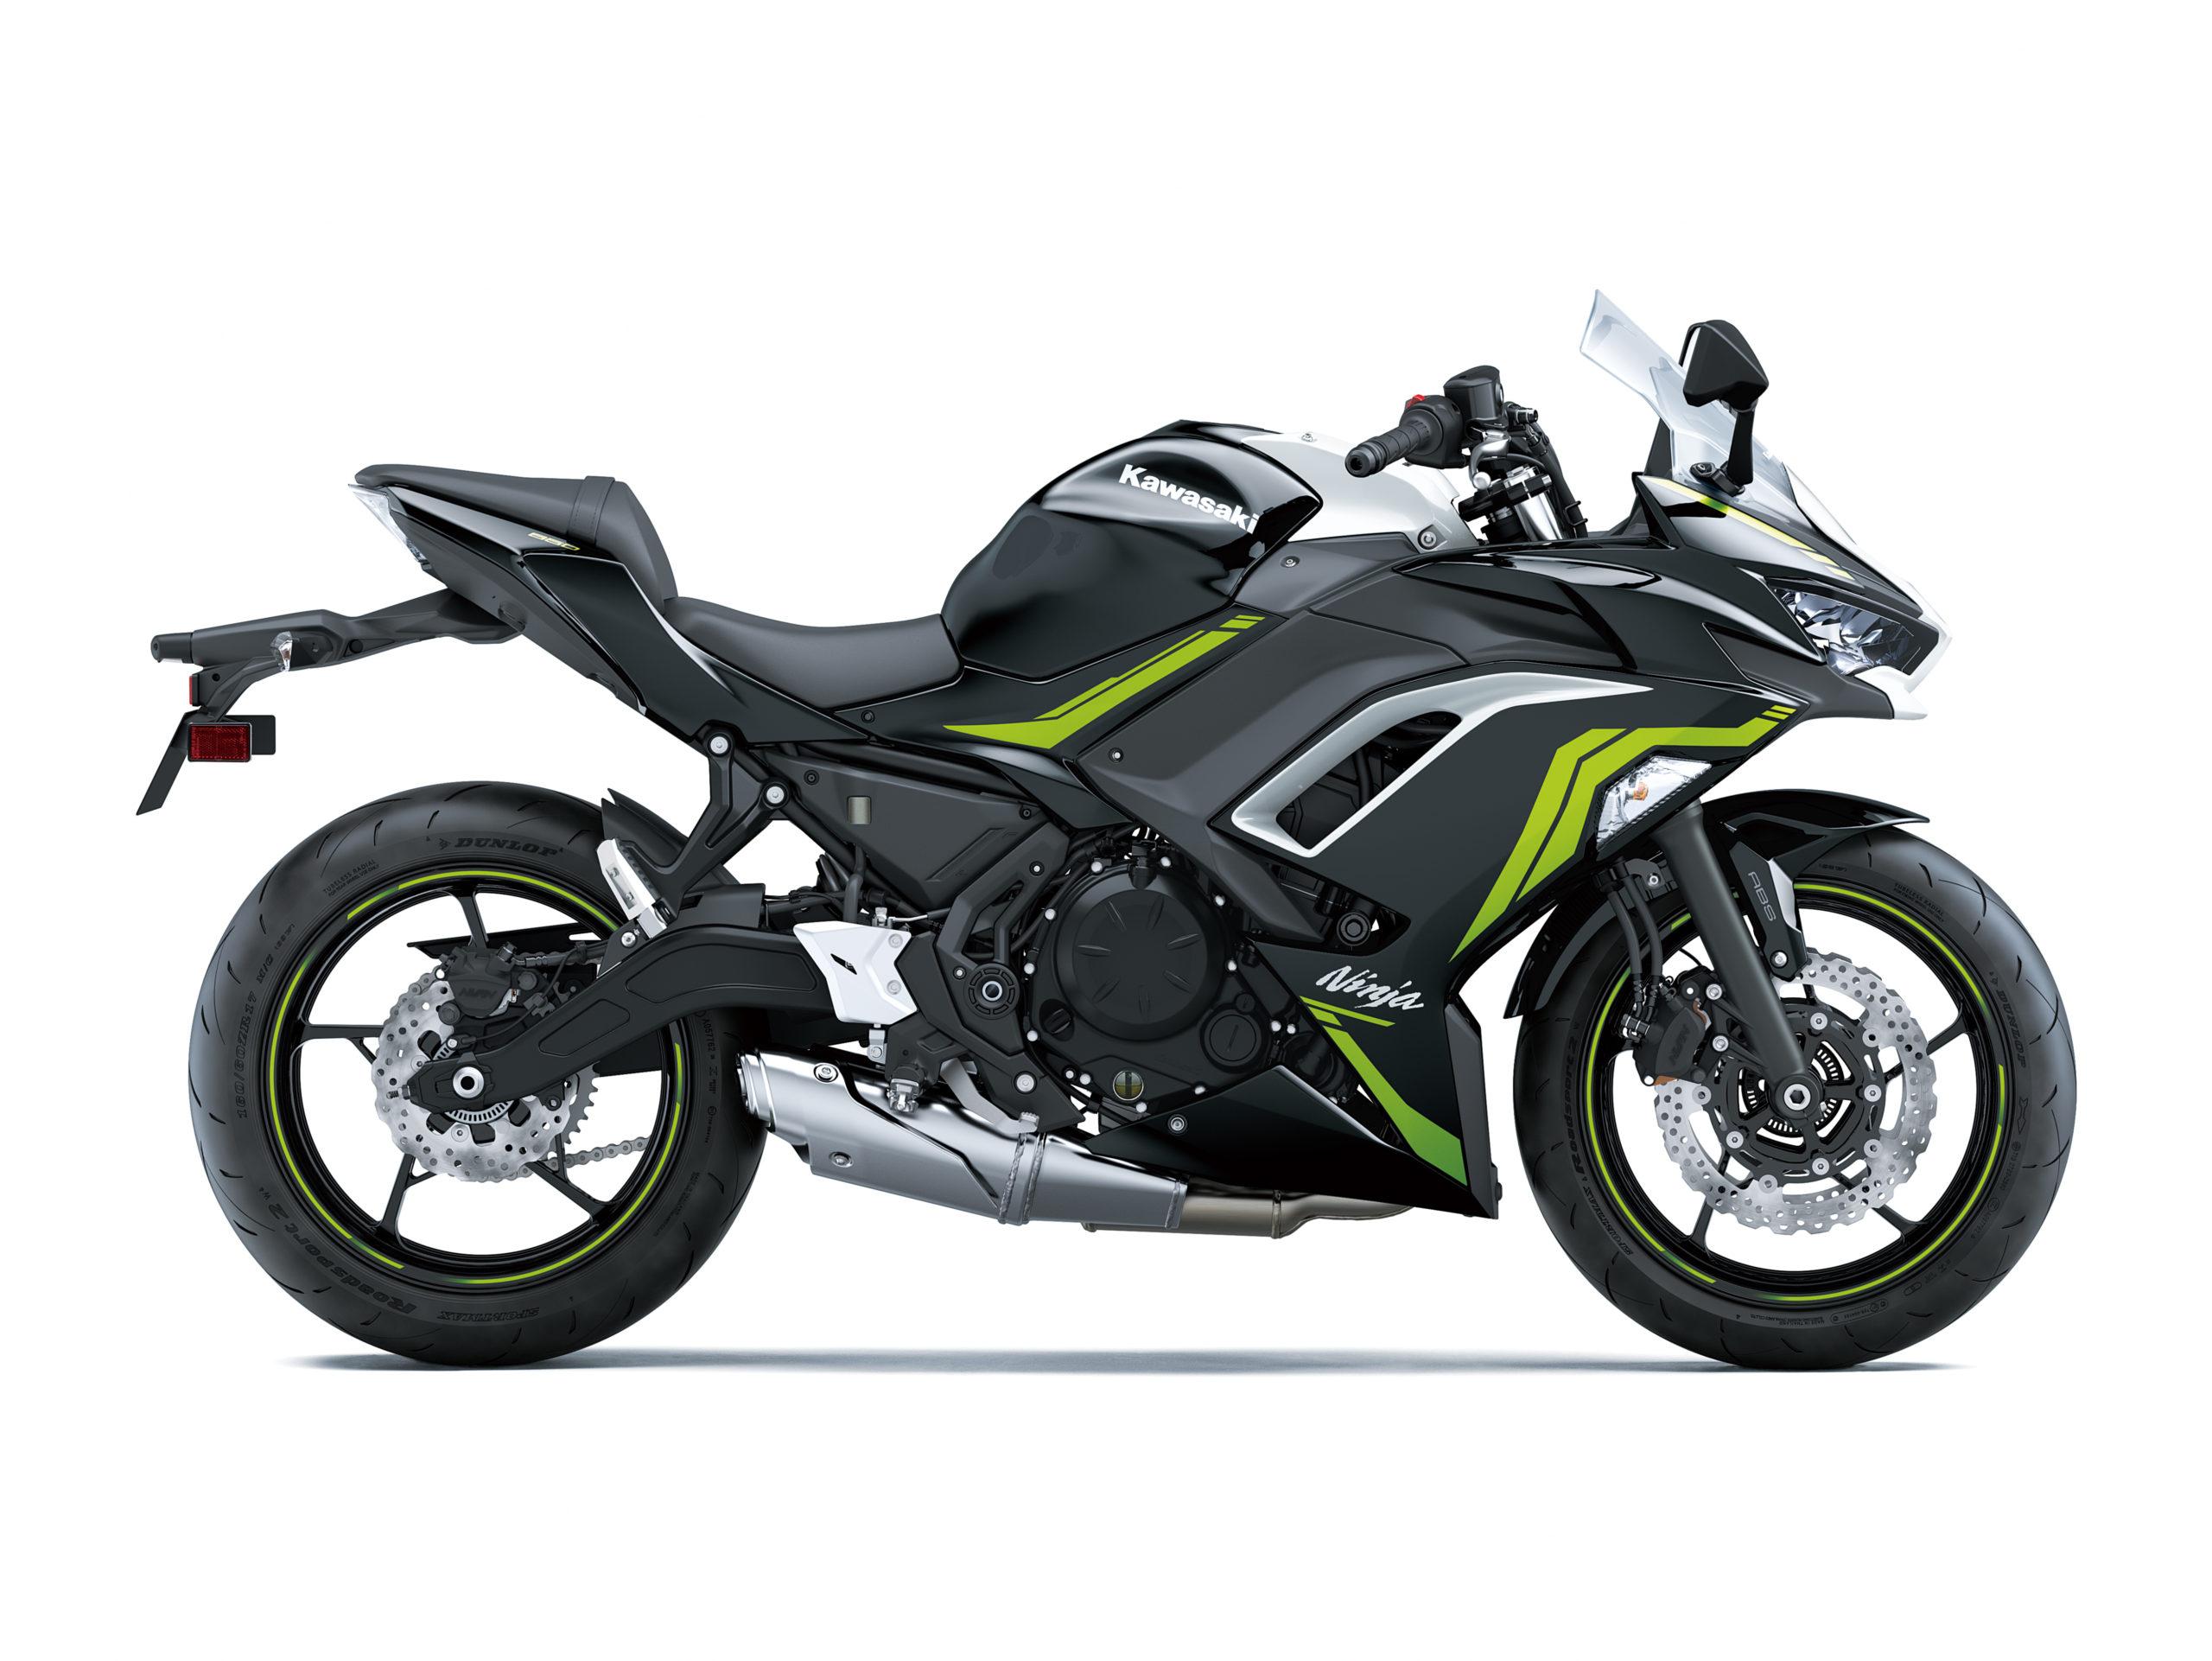 2021-Ninja-650-noir-et-blanc